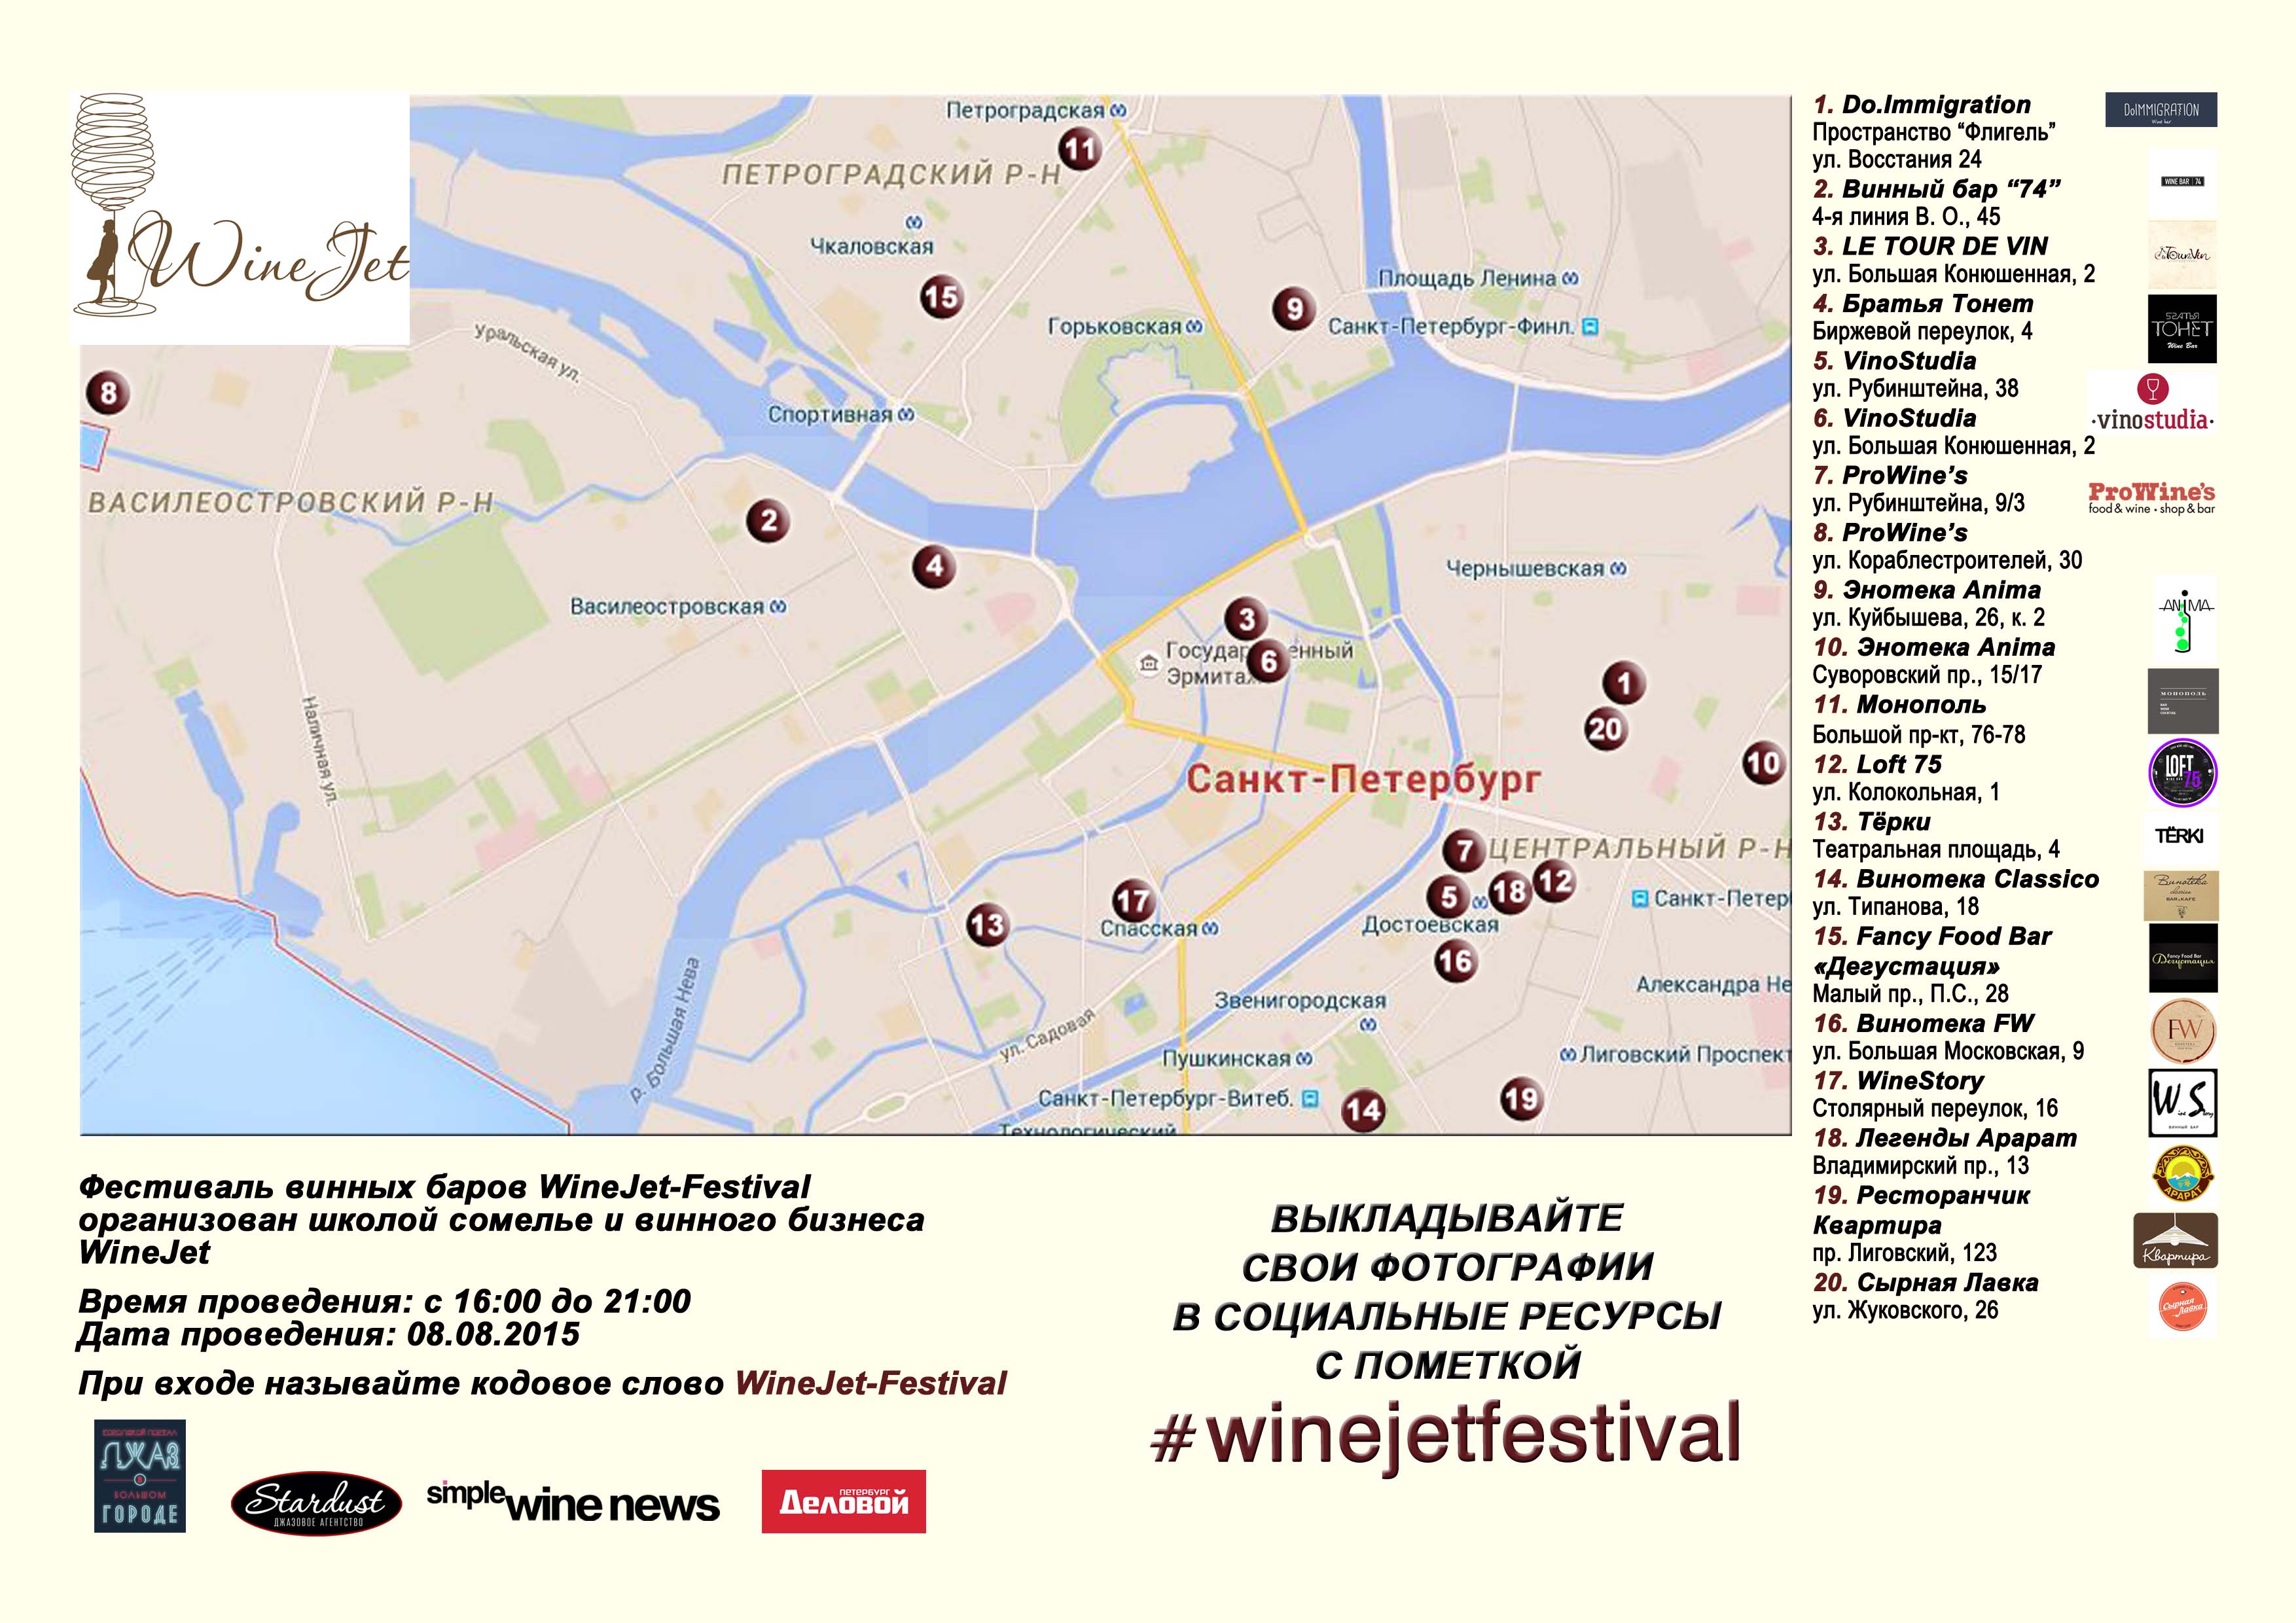 Фестиваль винных баров | Ресторан Анима | События